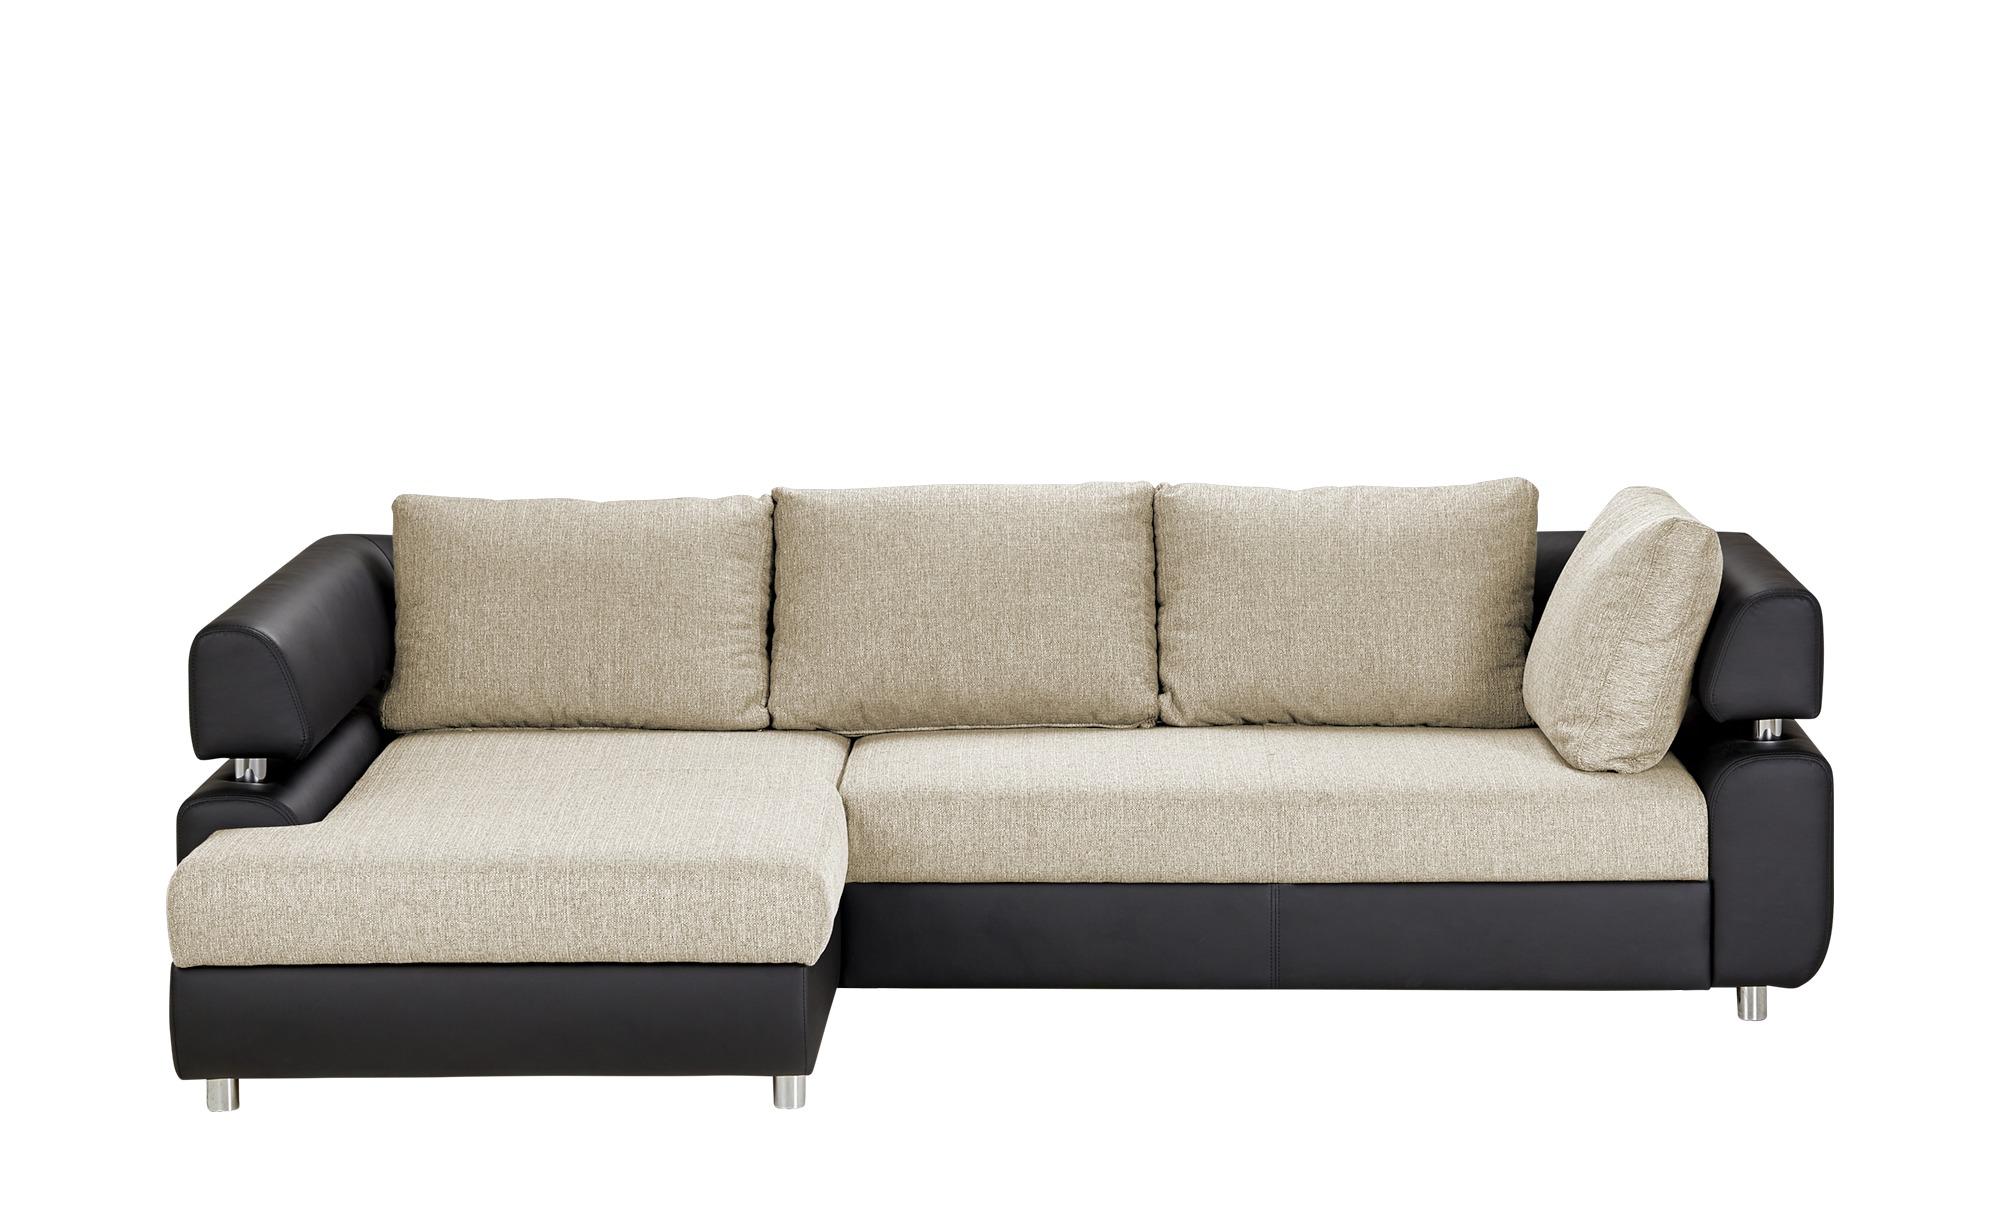 switch Ecksofa schwarz/beige - Kunstleder/Webstoff Panama ¦ beige ¦ Maße (cm): H: 72 Polstermöbel > Sofas > Ecksofas - Höffner